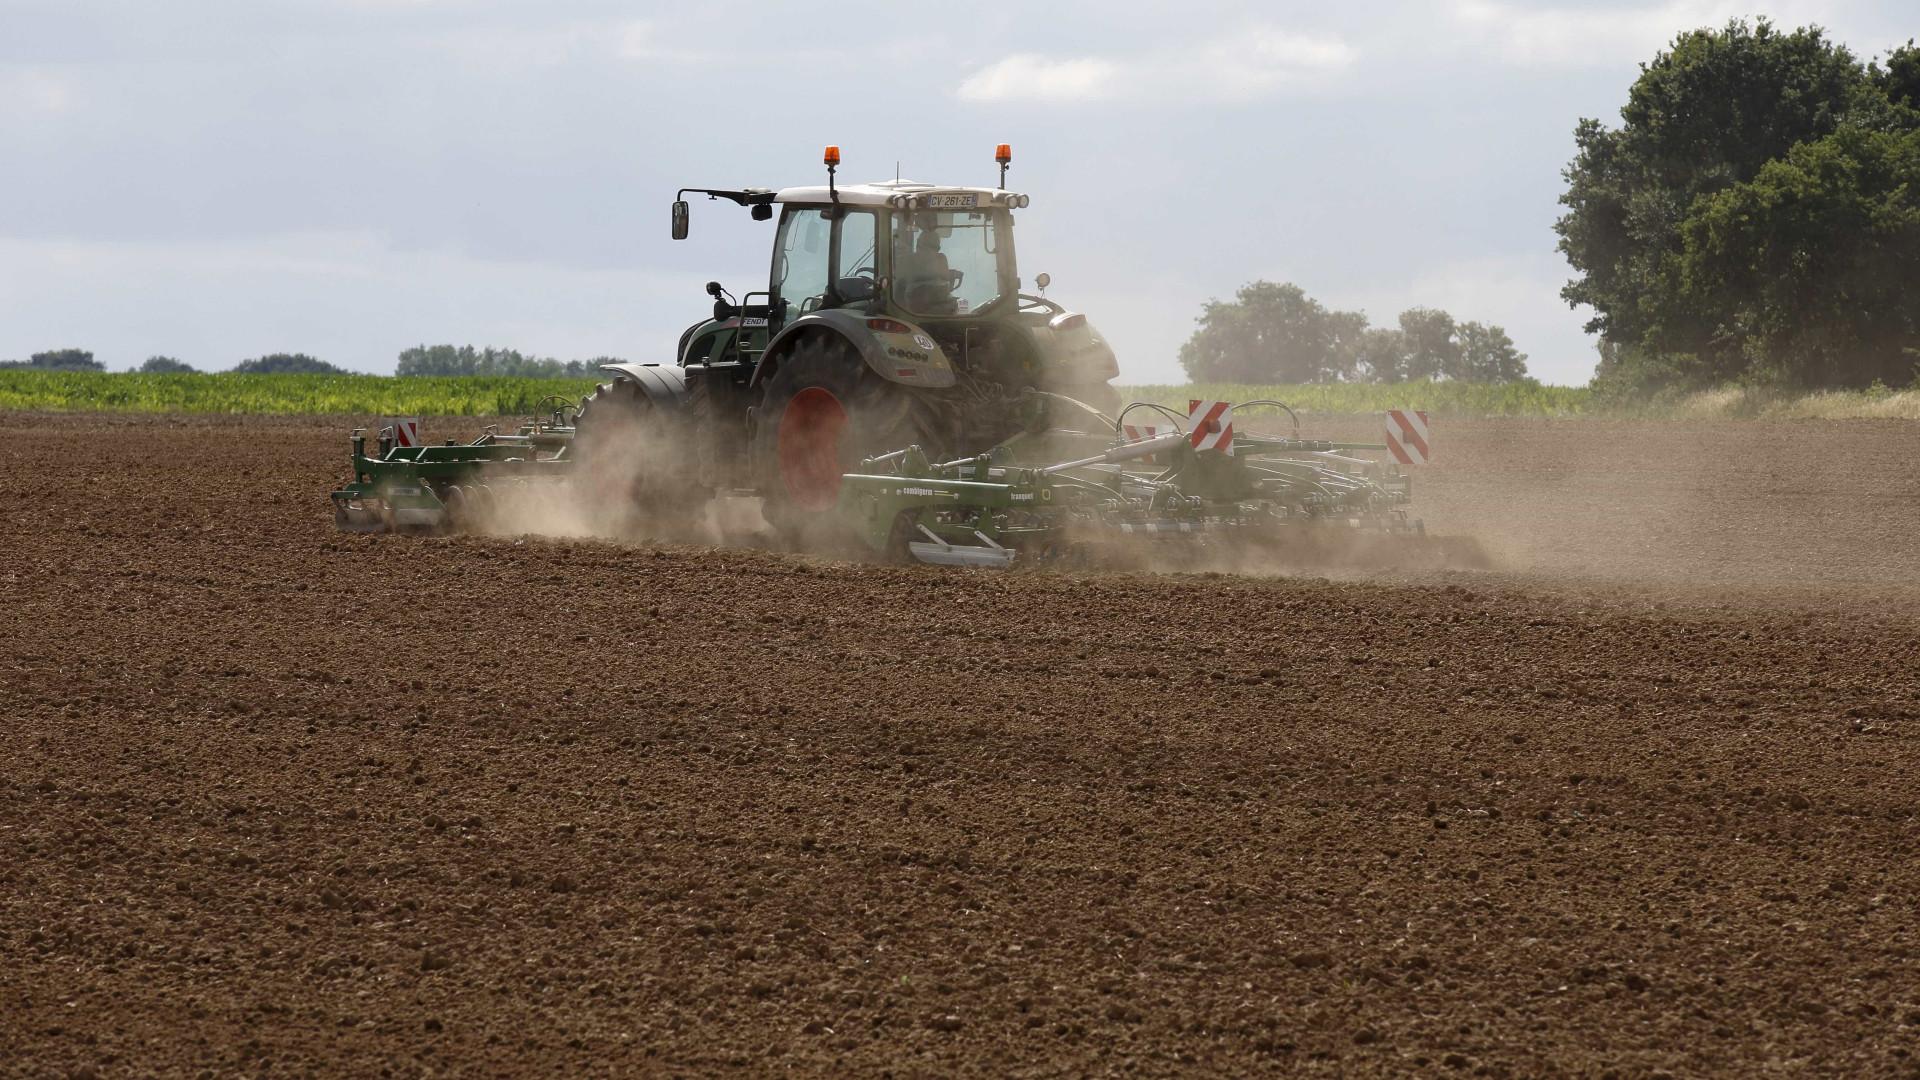 Detetadas irregularidades em 339 processos de apoios a agricultores